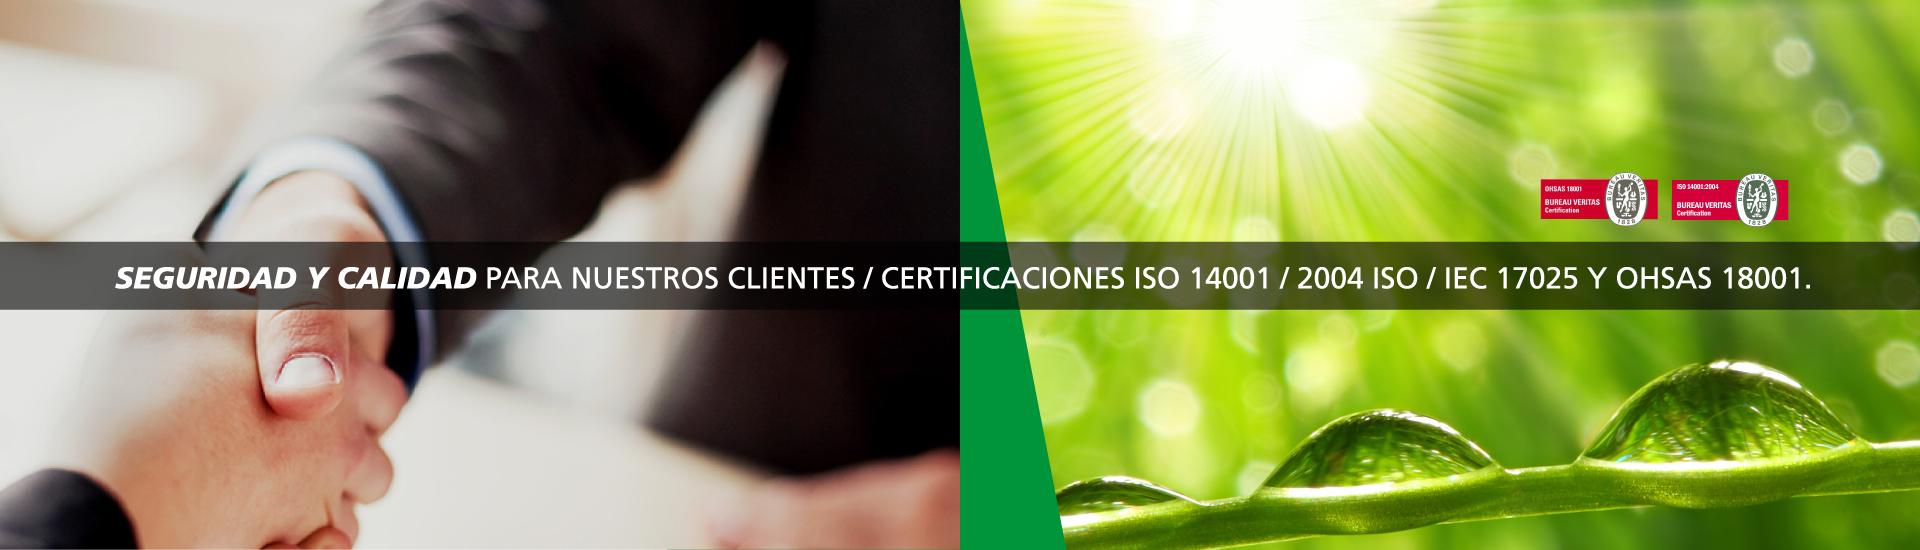 SEGURIDAD Y CALIDAD PARA NUESTROS CLIENTES / CERTIFICACIONES ISO 14001 / 2004 ISO / IEC 17025 Y OHSAS 18001.